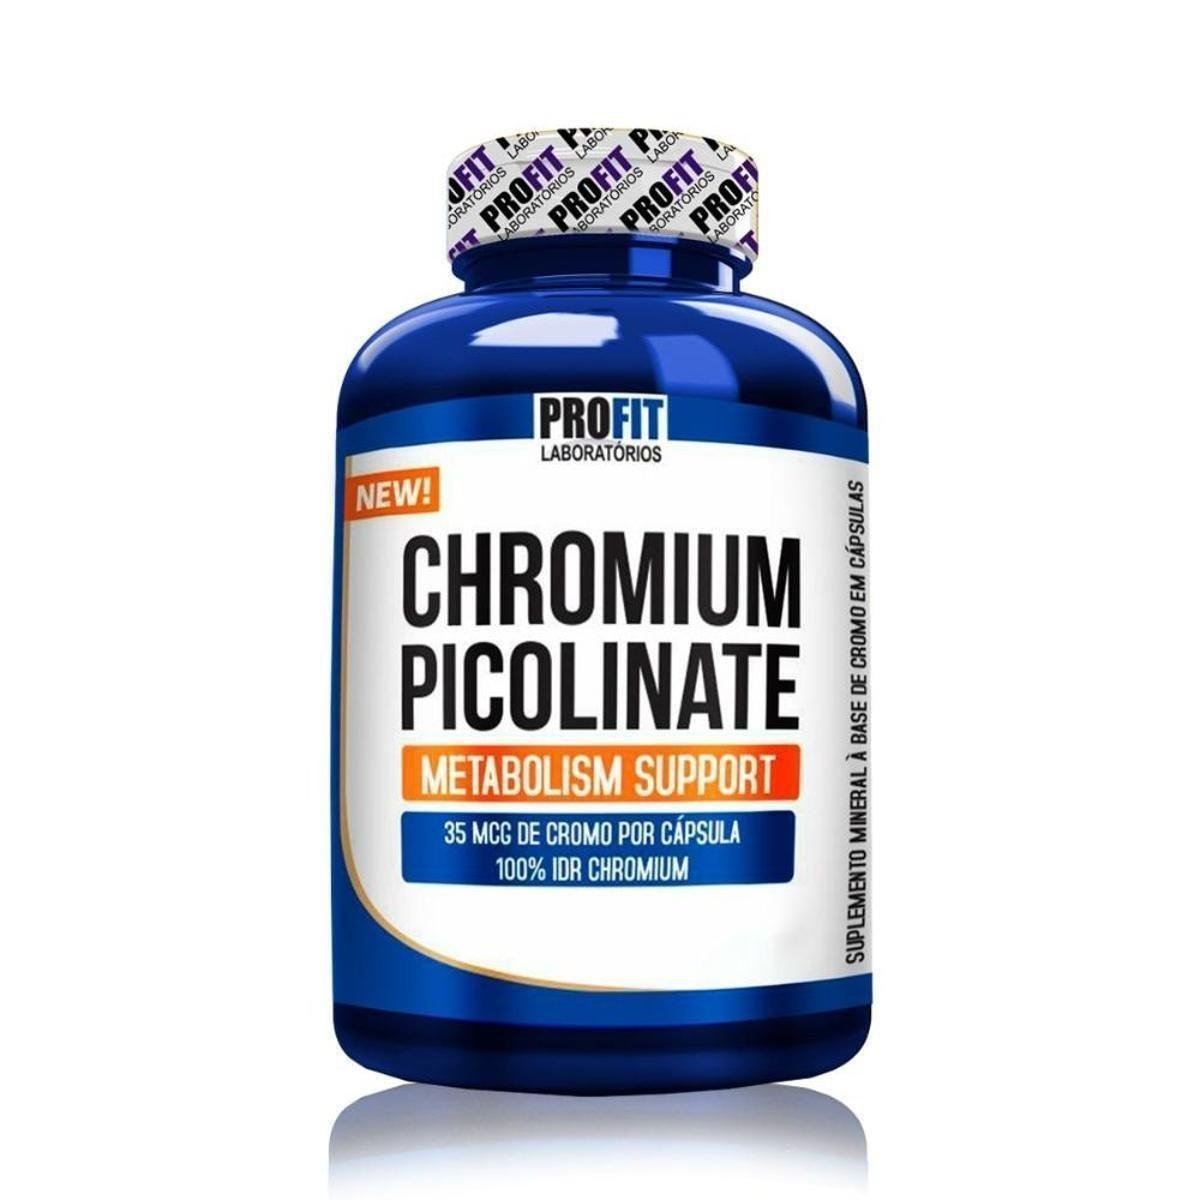 CHRMIUM PICOLINATE PROFIT - 120 CAPS